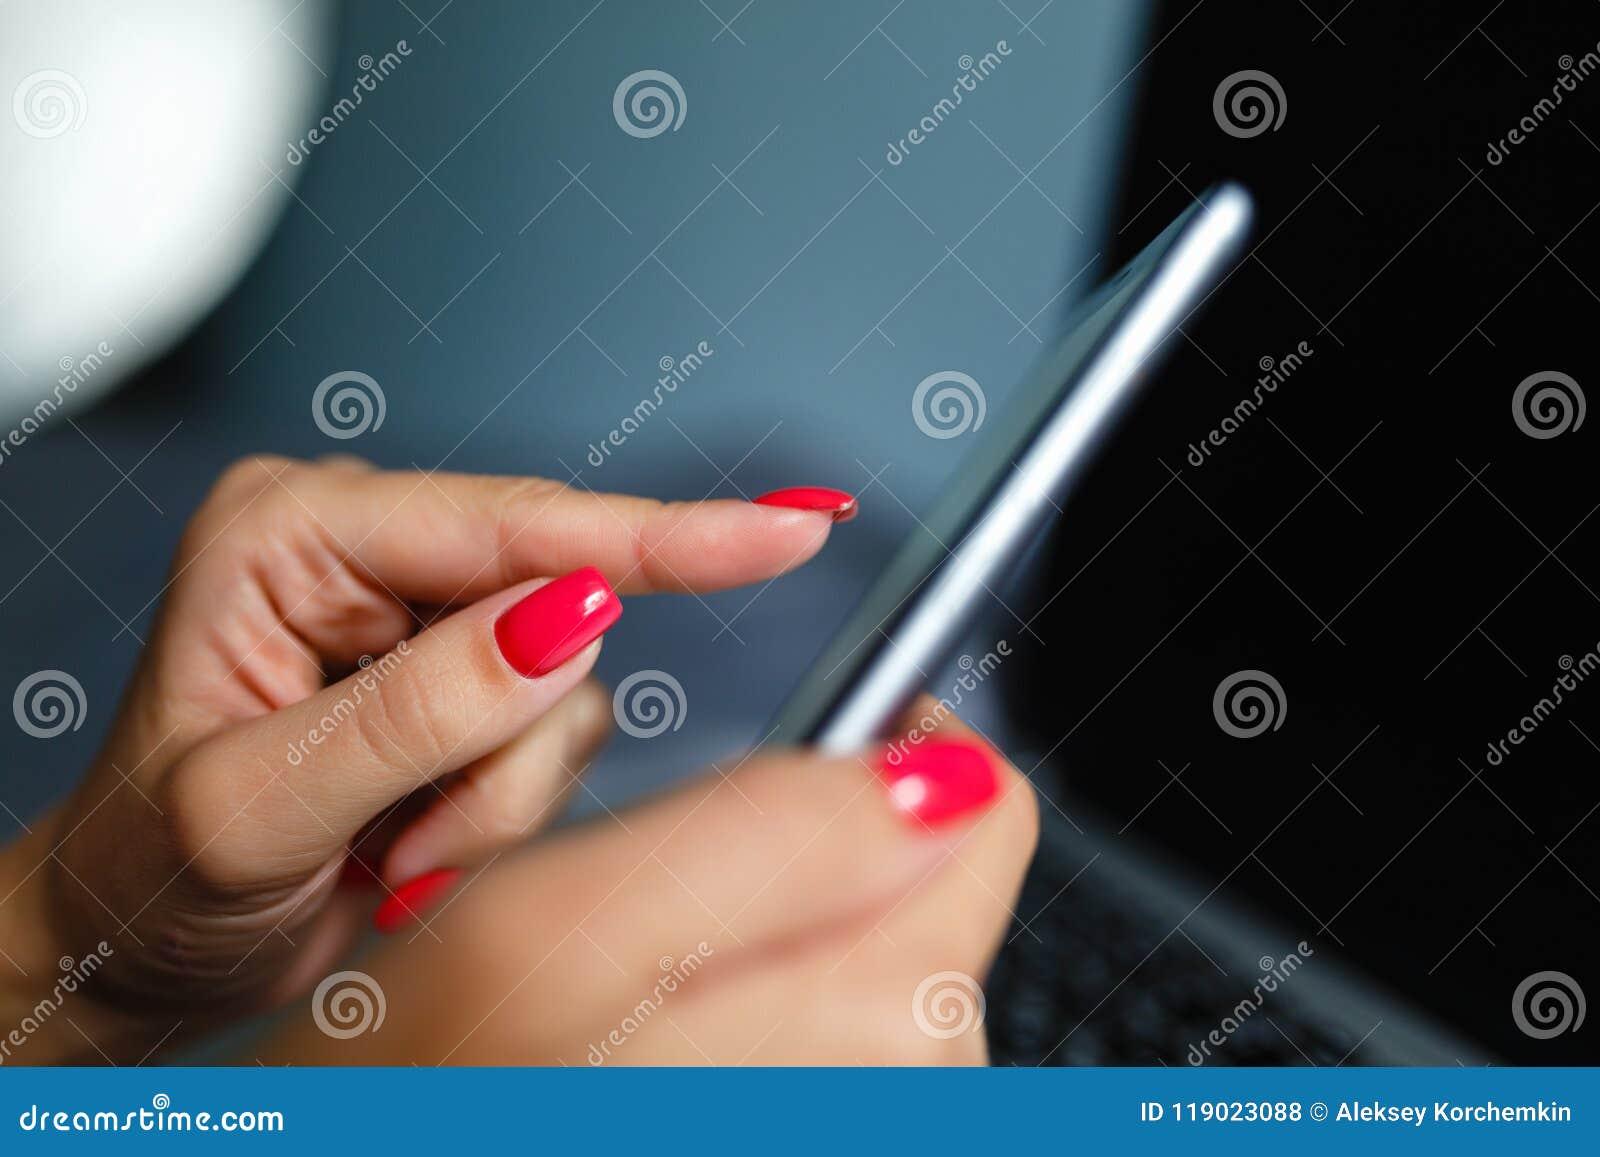 Η κινηματογράφηση σε πρώτο πλάνο ενός κοριτσιού με ένα συμπαθητικό μανικιούρ αγγίζει την οθόνη του smartphone στο υπόβαθρο ενός l